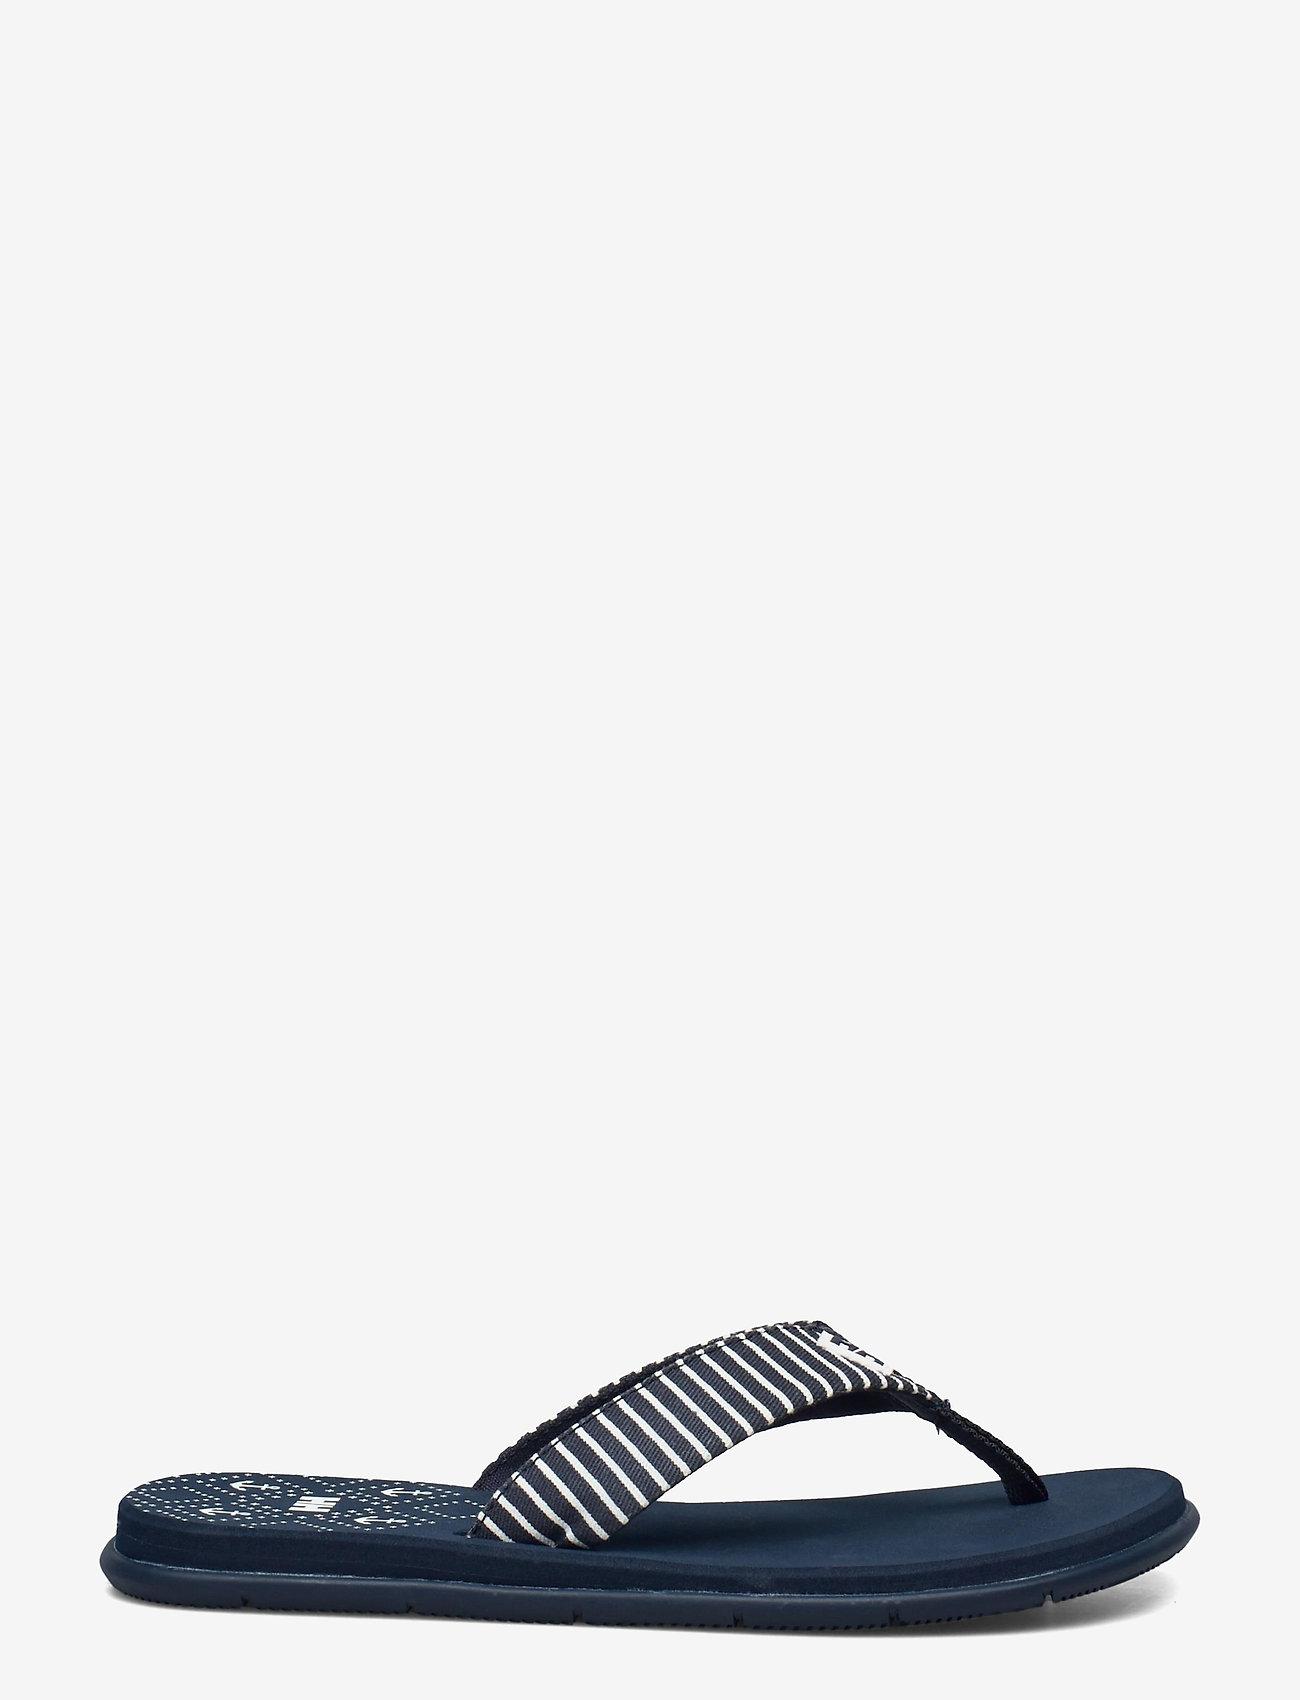 Helly Hansen - W IRIS SANDAL - sport schoenen - navy / off white - 1